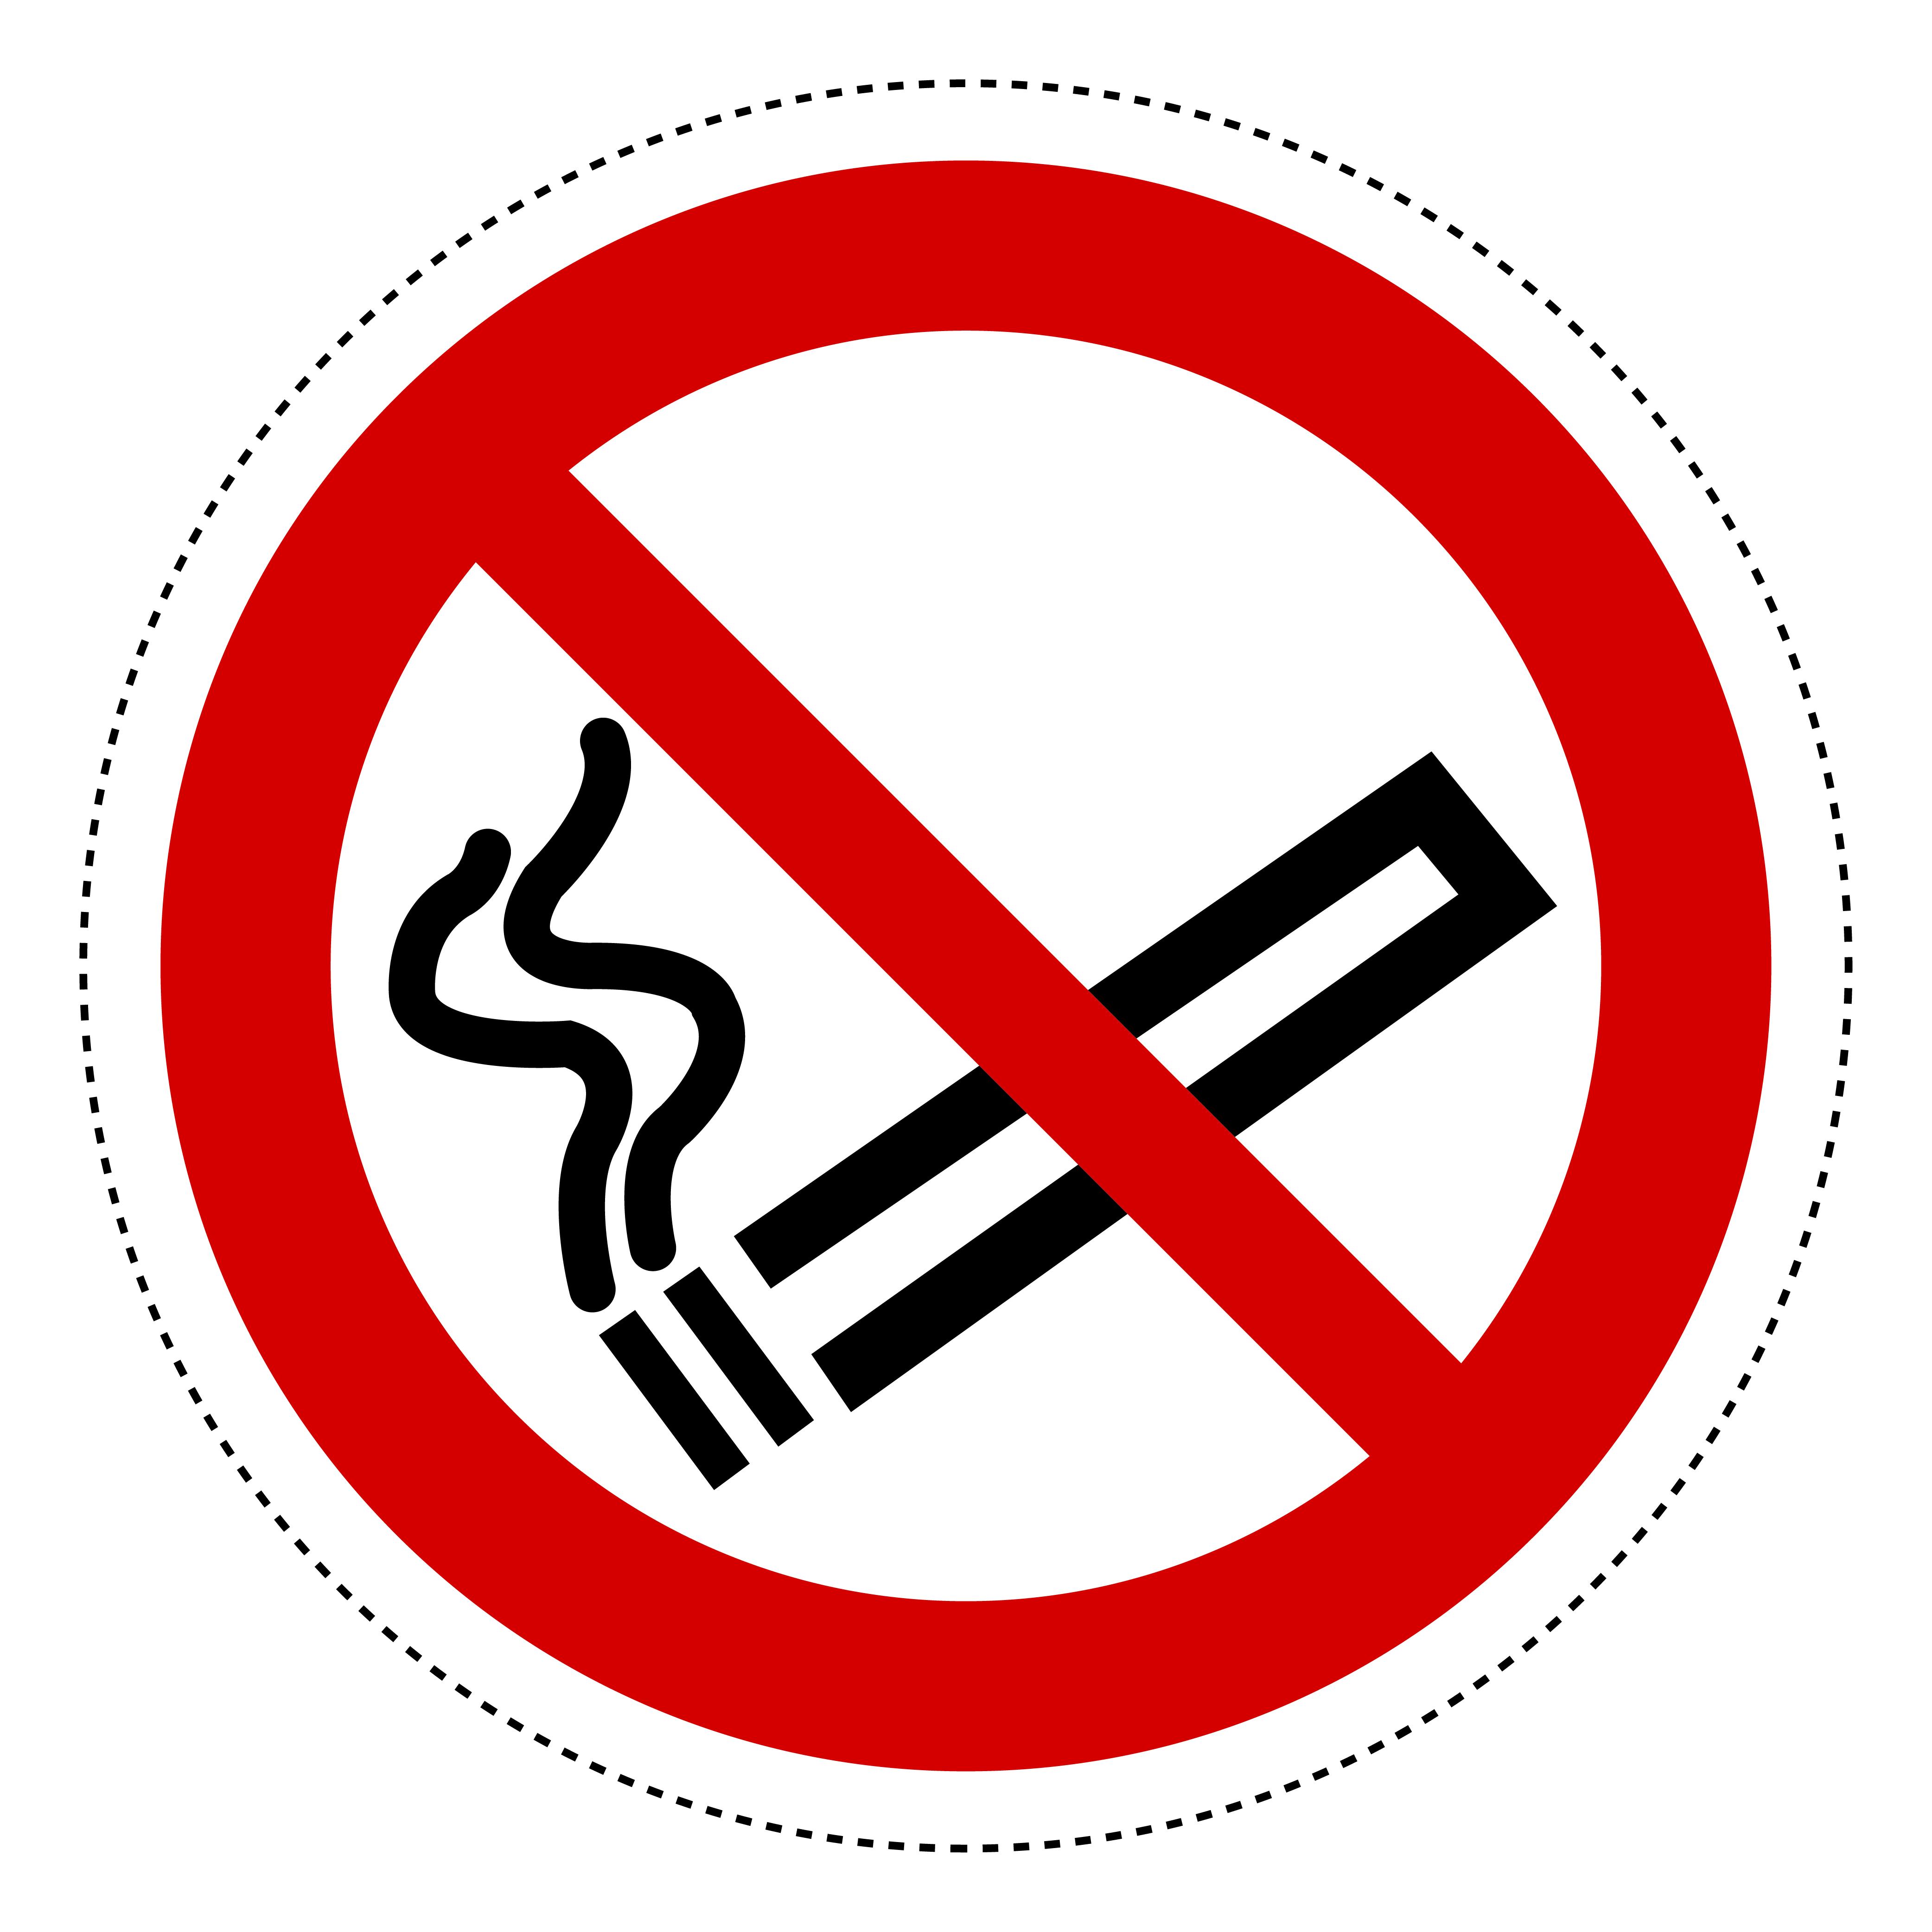 1 aufkleber rauchen verboten 20cm pvc folie nichtraucher rauchverbot. Black Bedroom Furniture Sets. Home Design Ideas